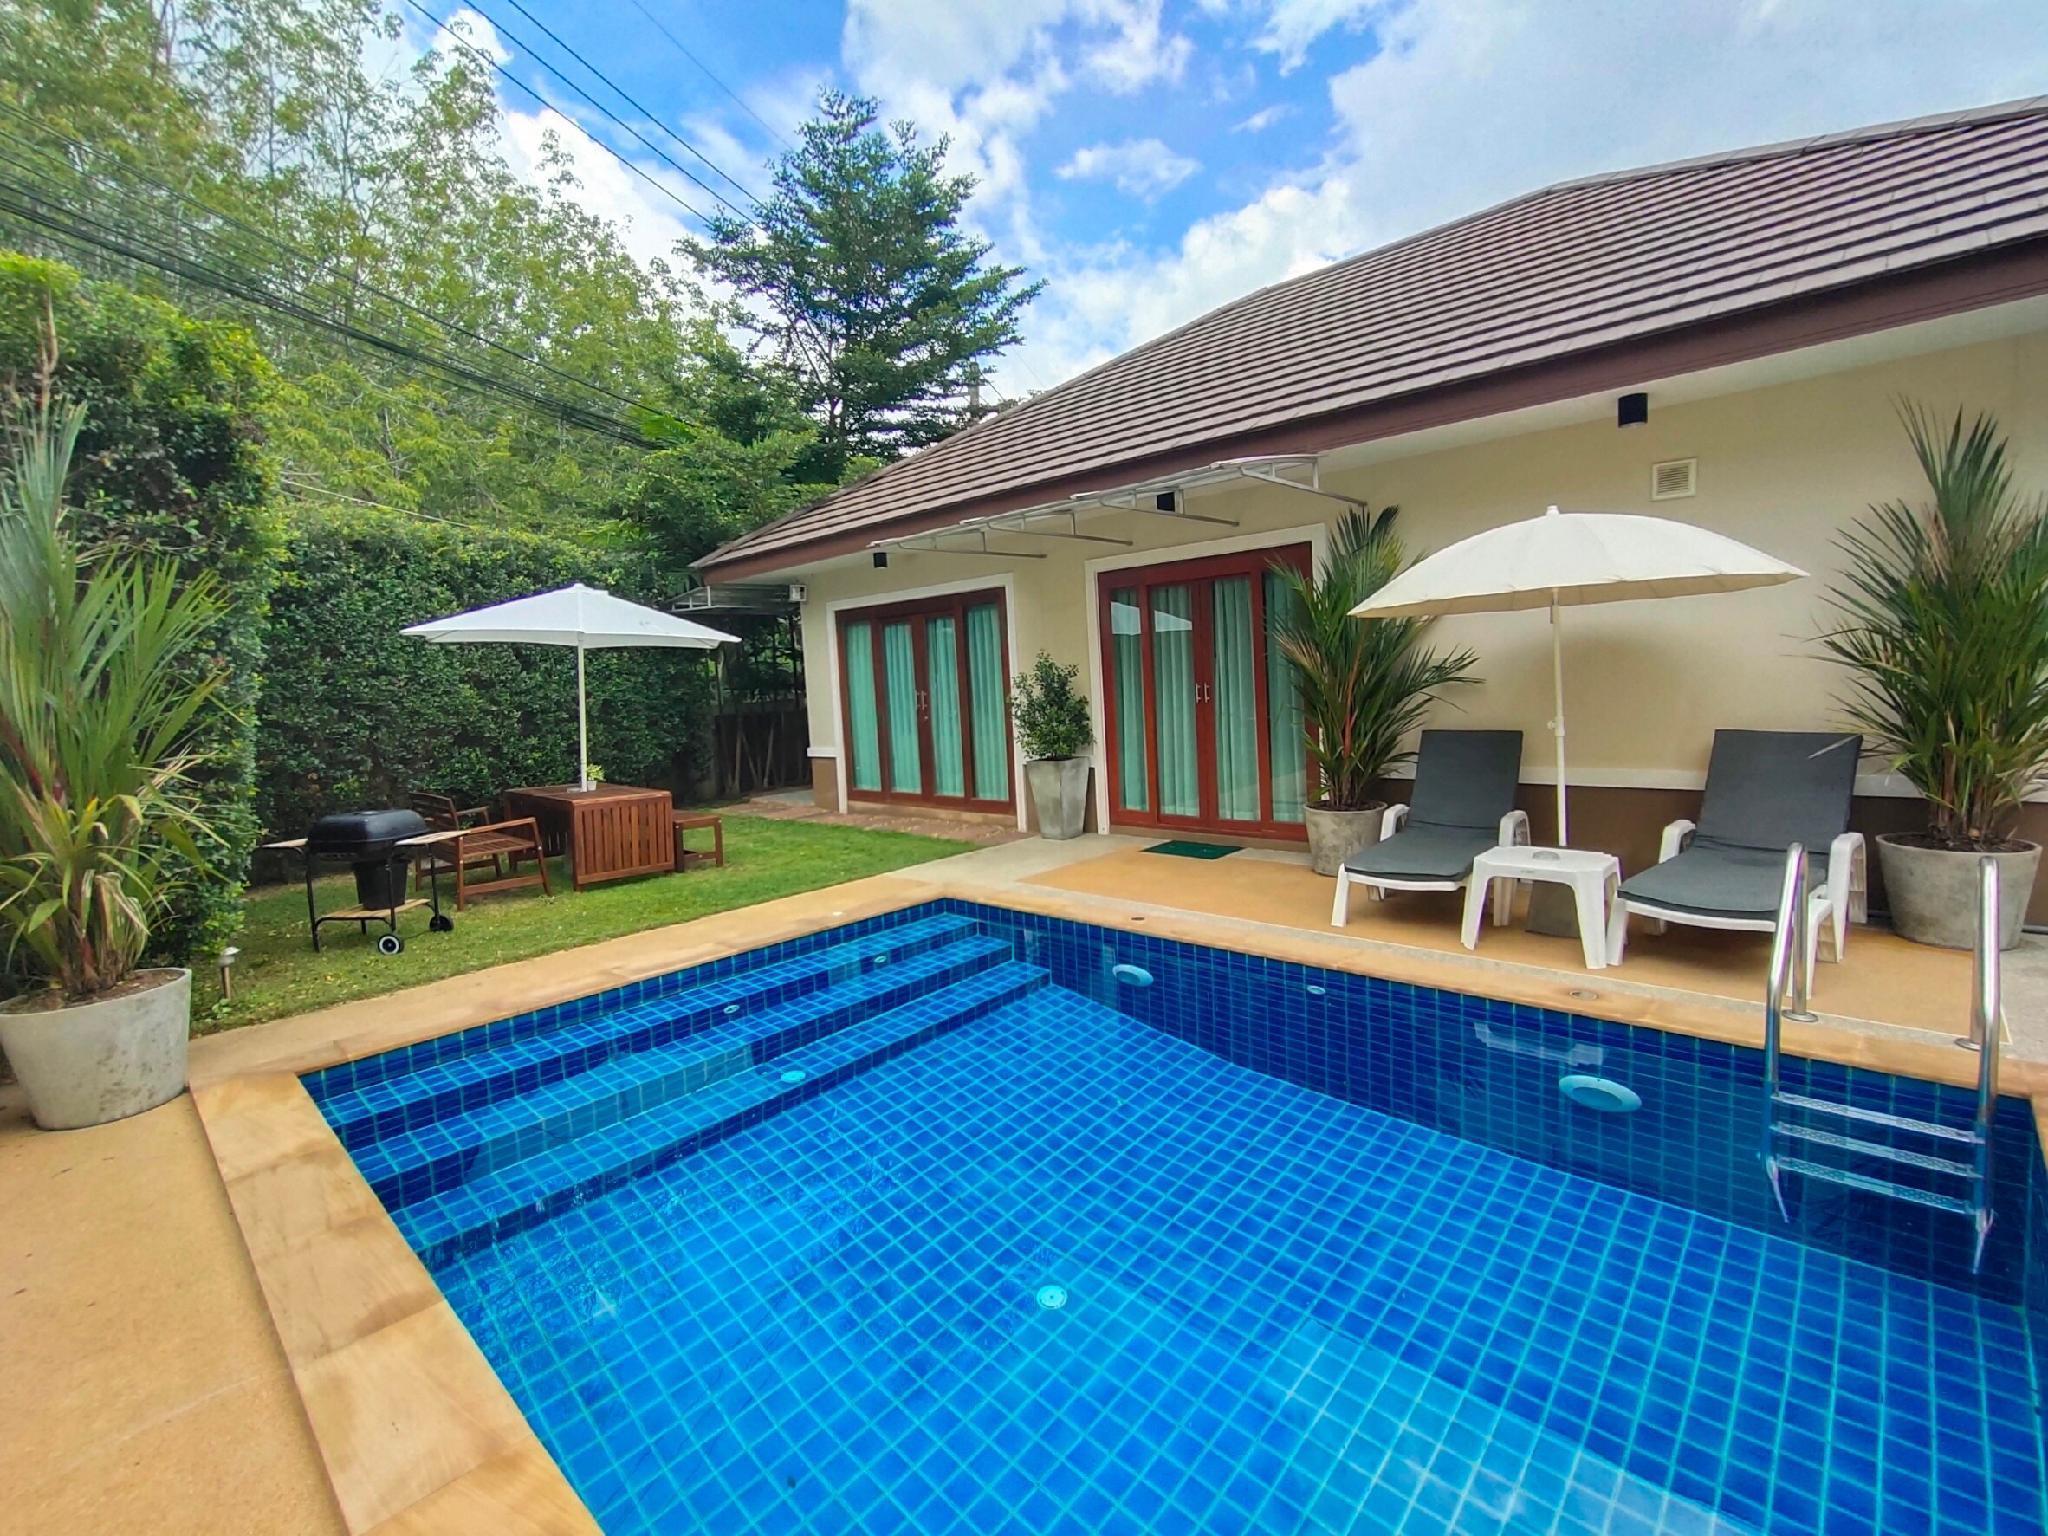 Aonang Private Pool Villa & Garden Aonang Private Pool Villa & Garden